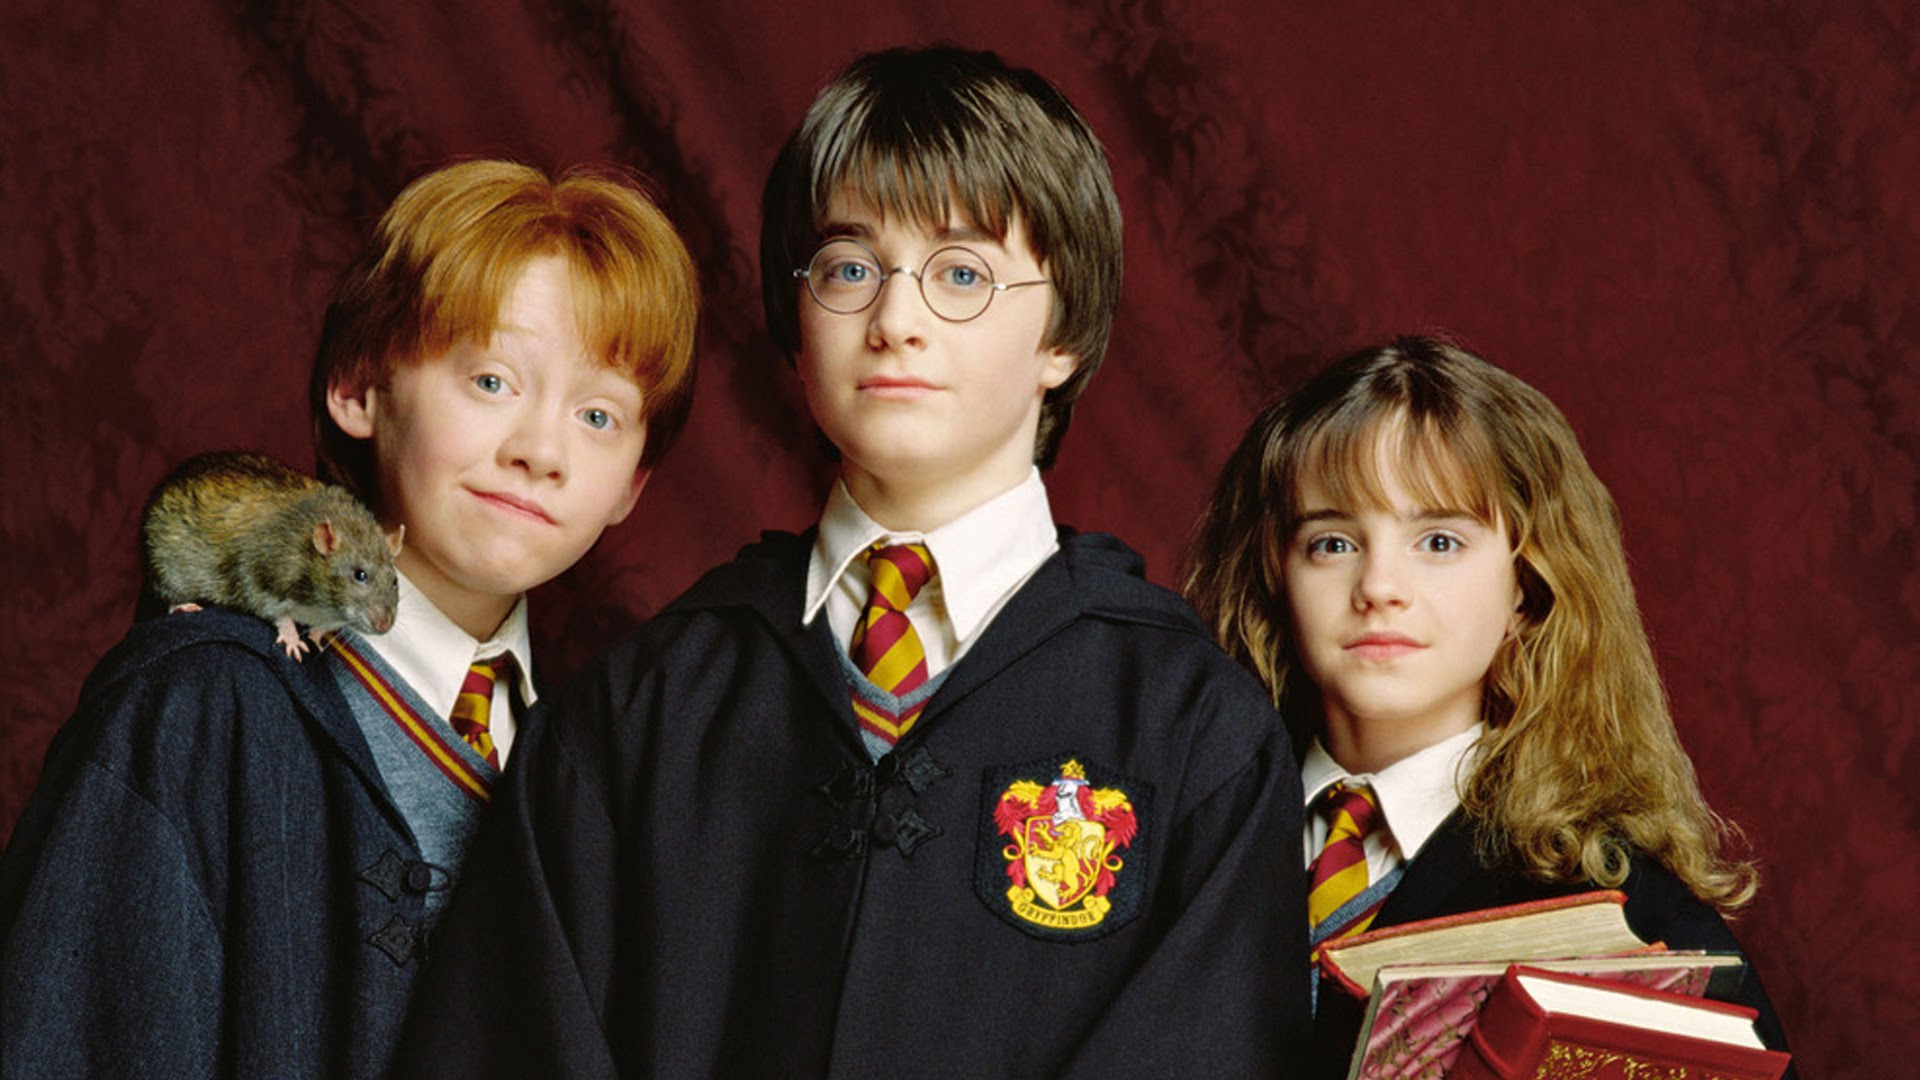 Картинка для Кто ты из Гарри Поттера